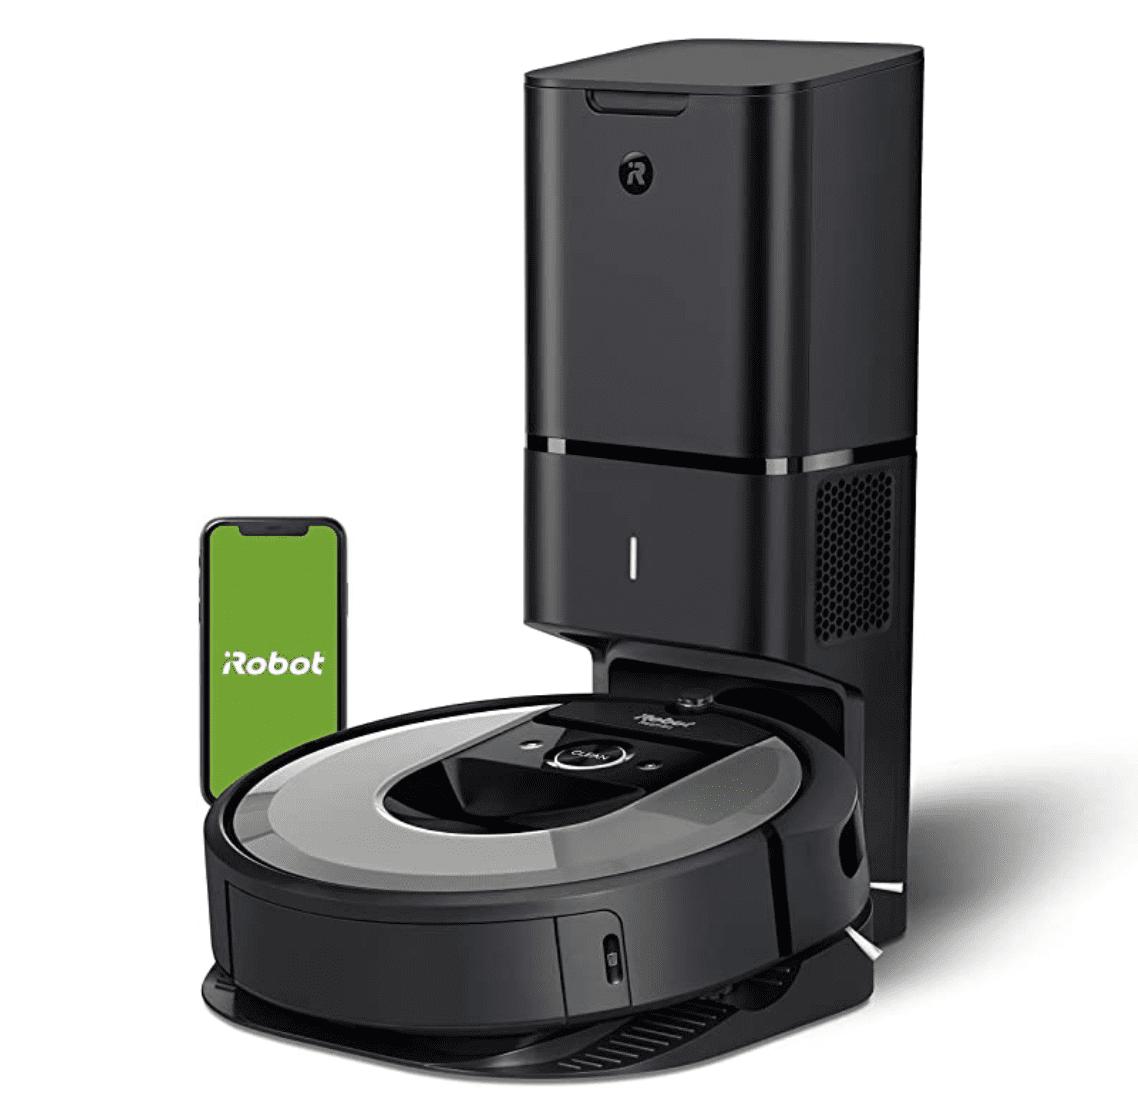 Amazon: iRobot Roomba i6+ Robot Vacuum for 9.99